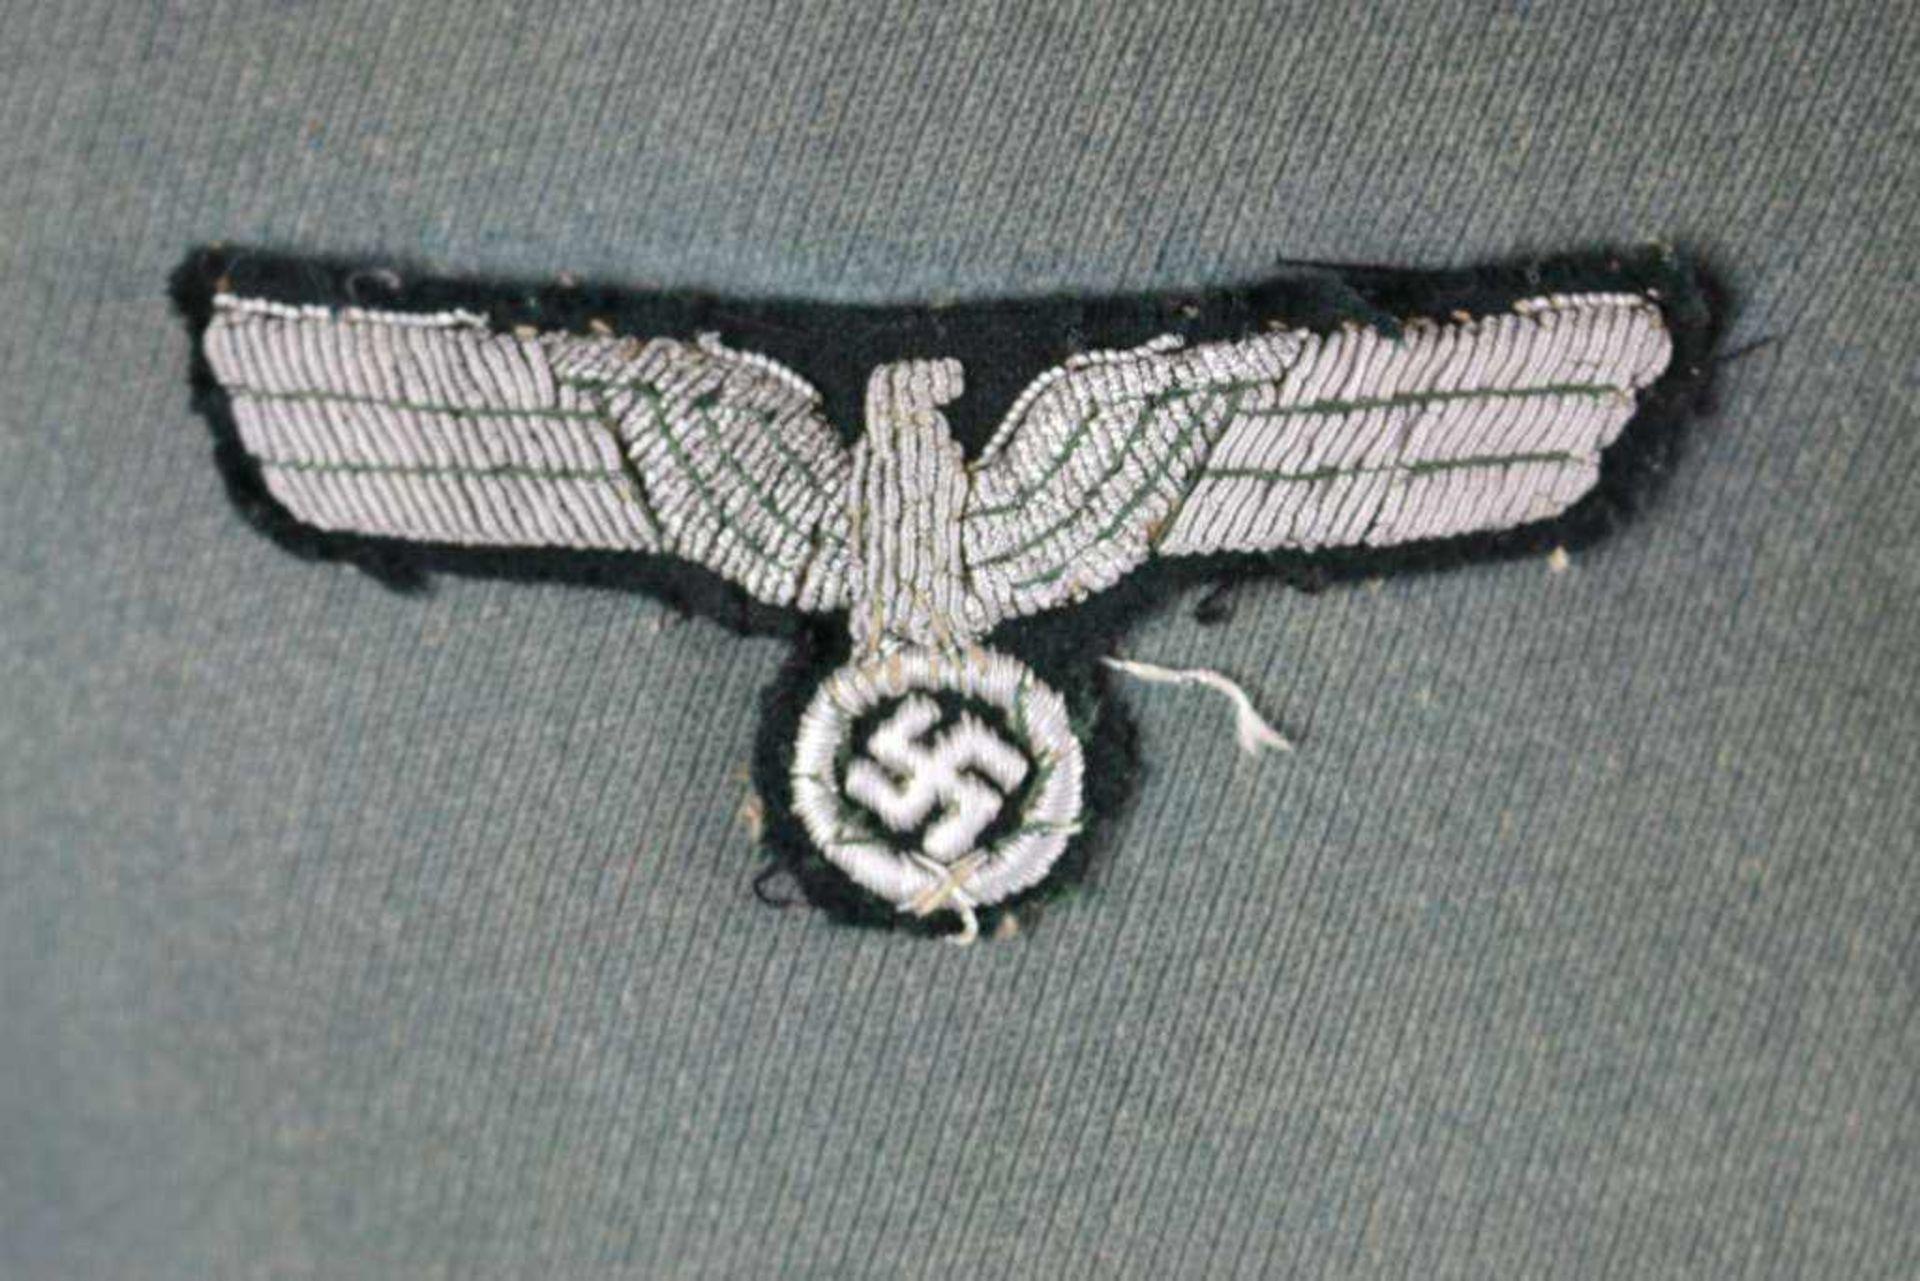 Wehrmacht Heer Waffenrock und Schirmmütze eines Kompaniefeldwebels der 1. Kompanie Panzerregiment 1. - Bild 4 aus 17